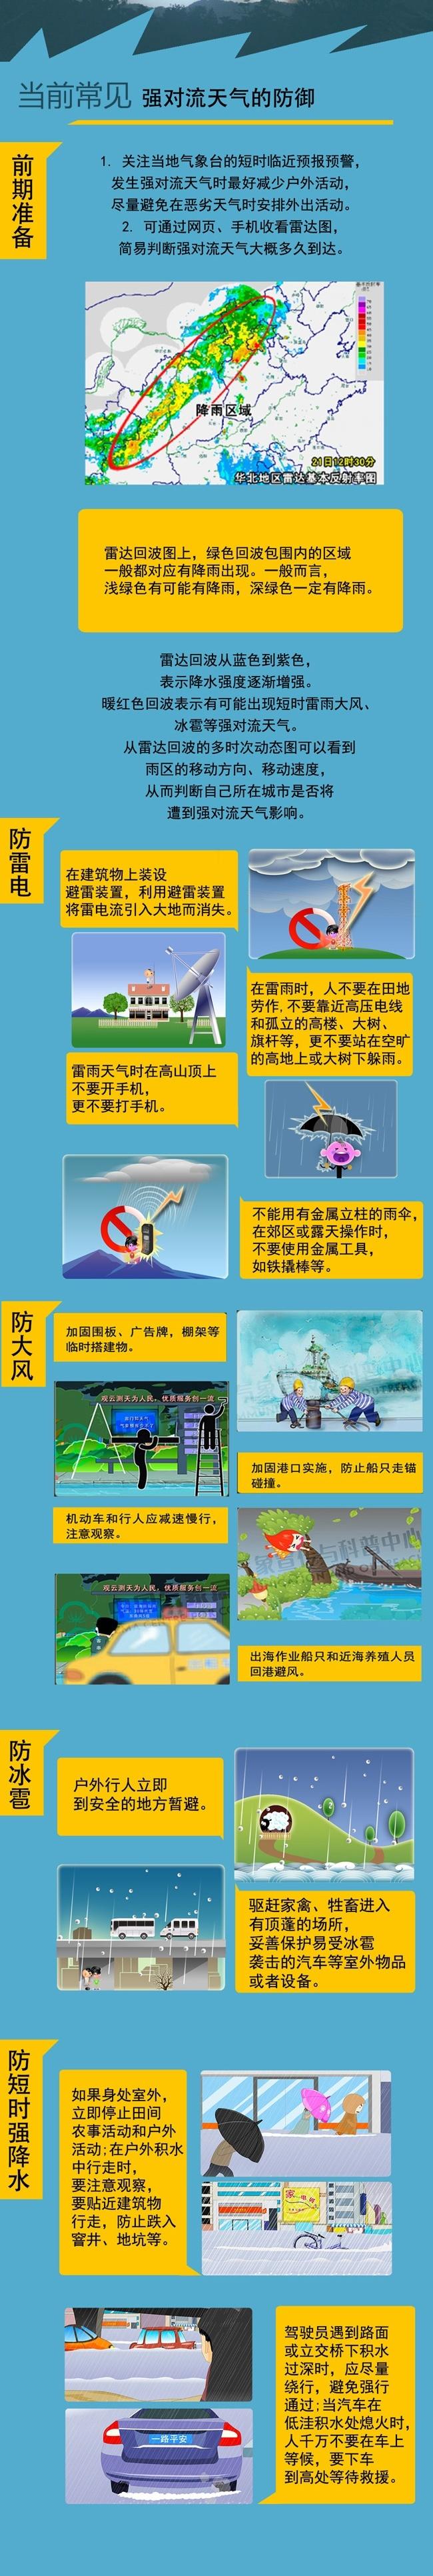 今起5天广东仍有强降雨,如何防御暴雨及强对流天气?